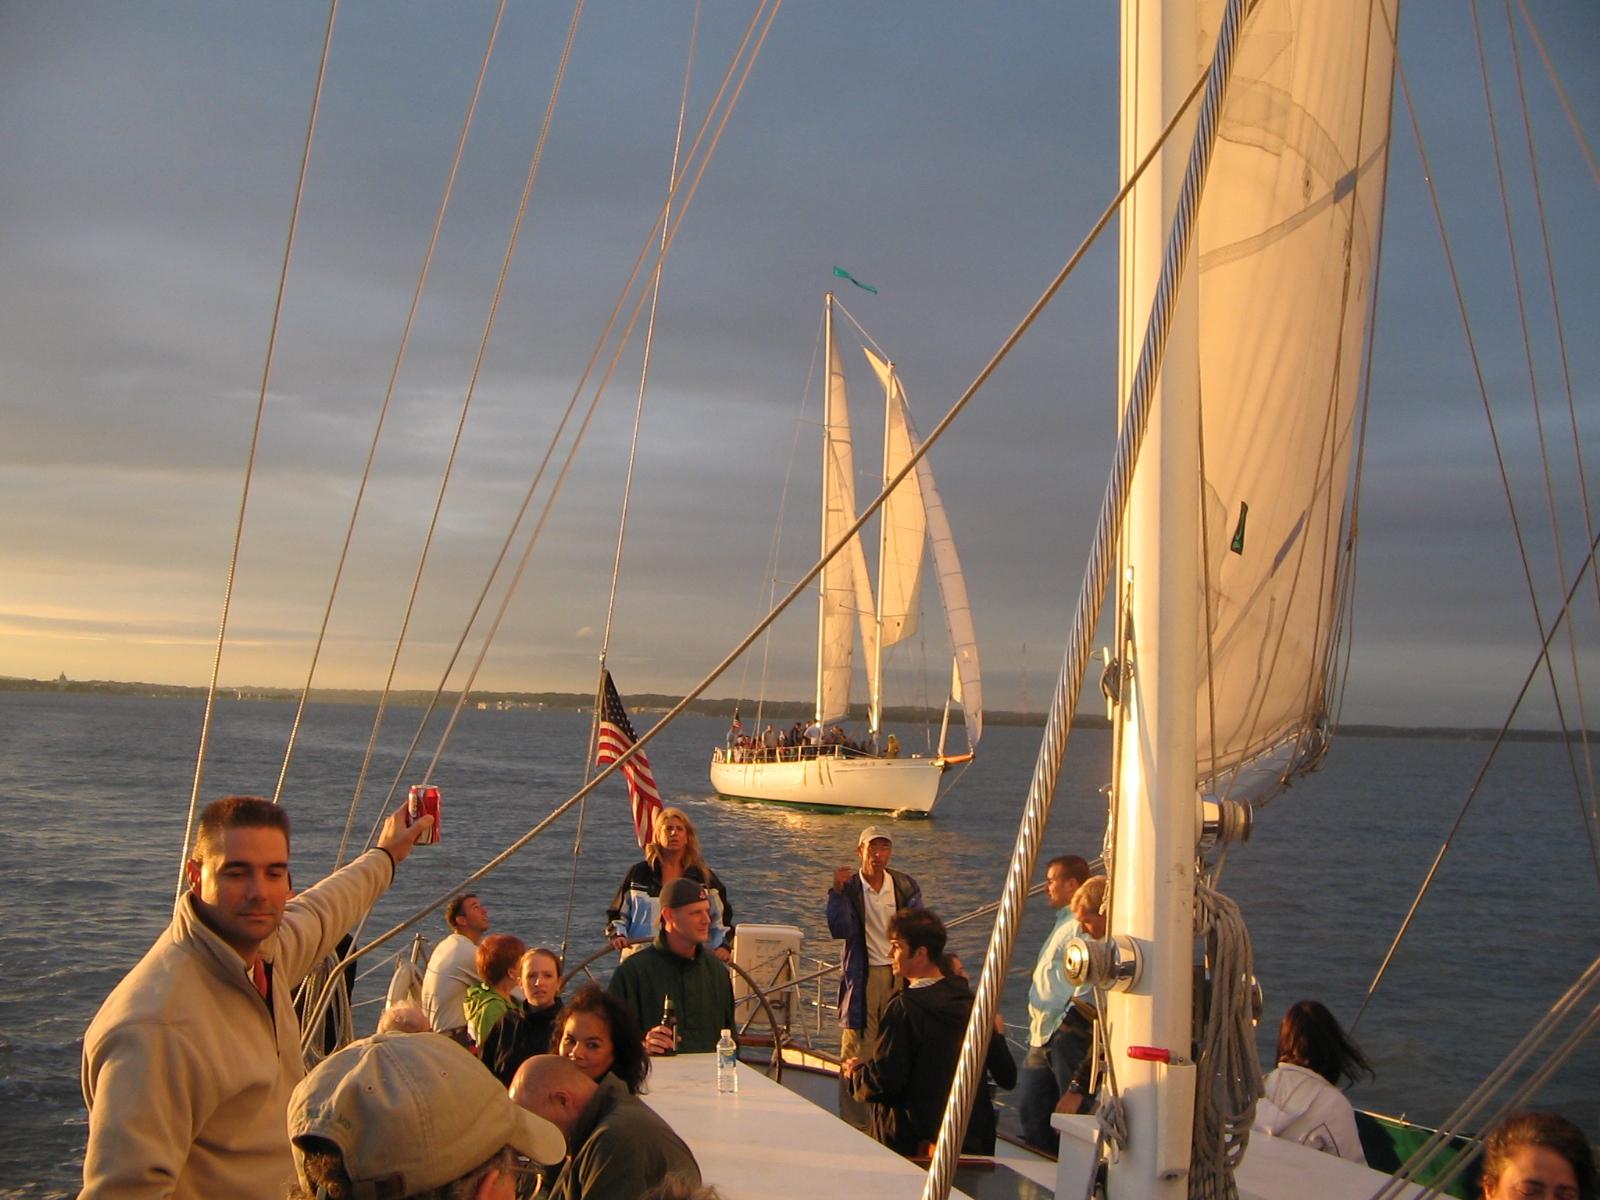 Team Building Ultimate Race between the two schooners